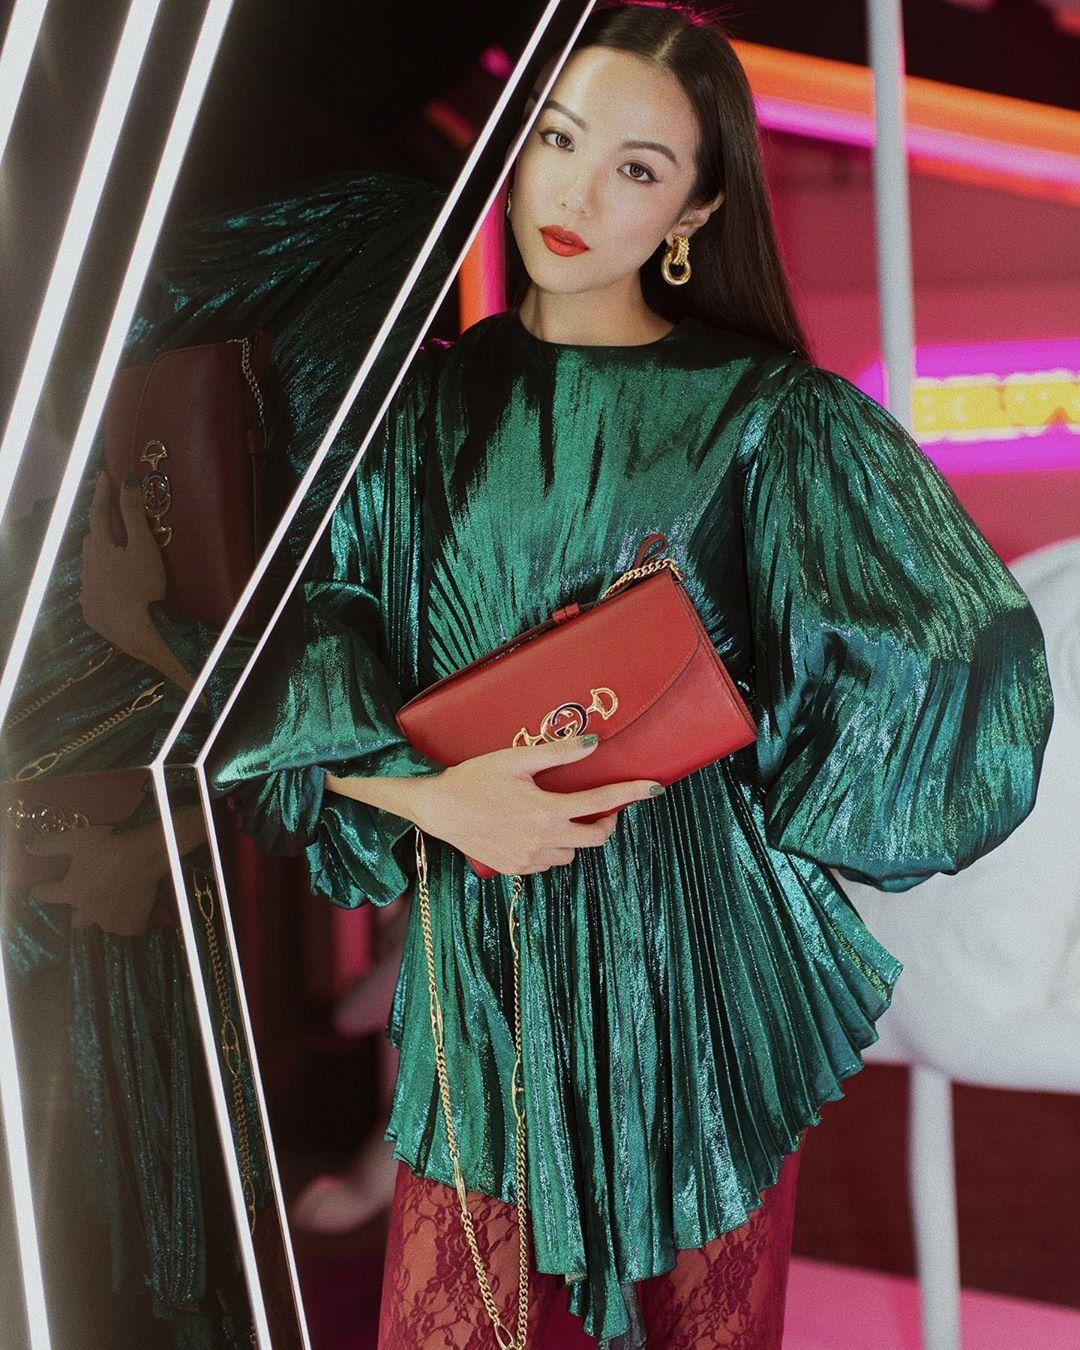 yoyokuala phối đầm màu xanh lục với túi xách đỏ